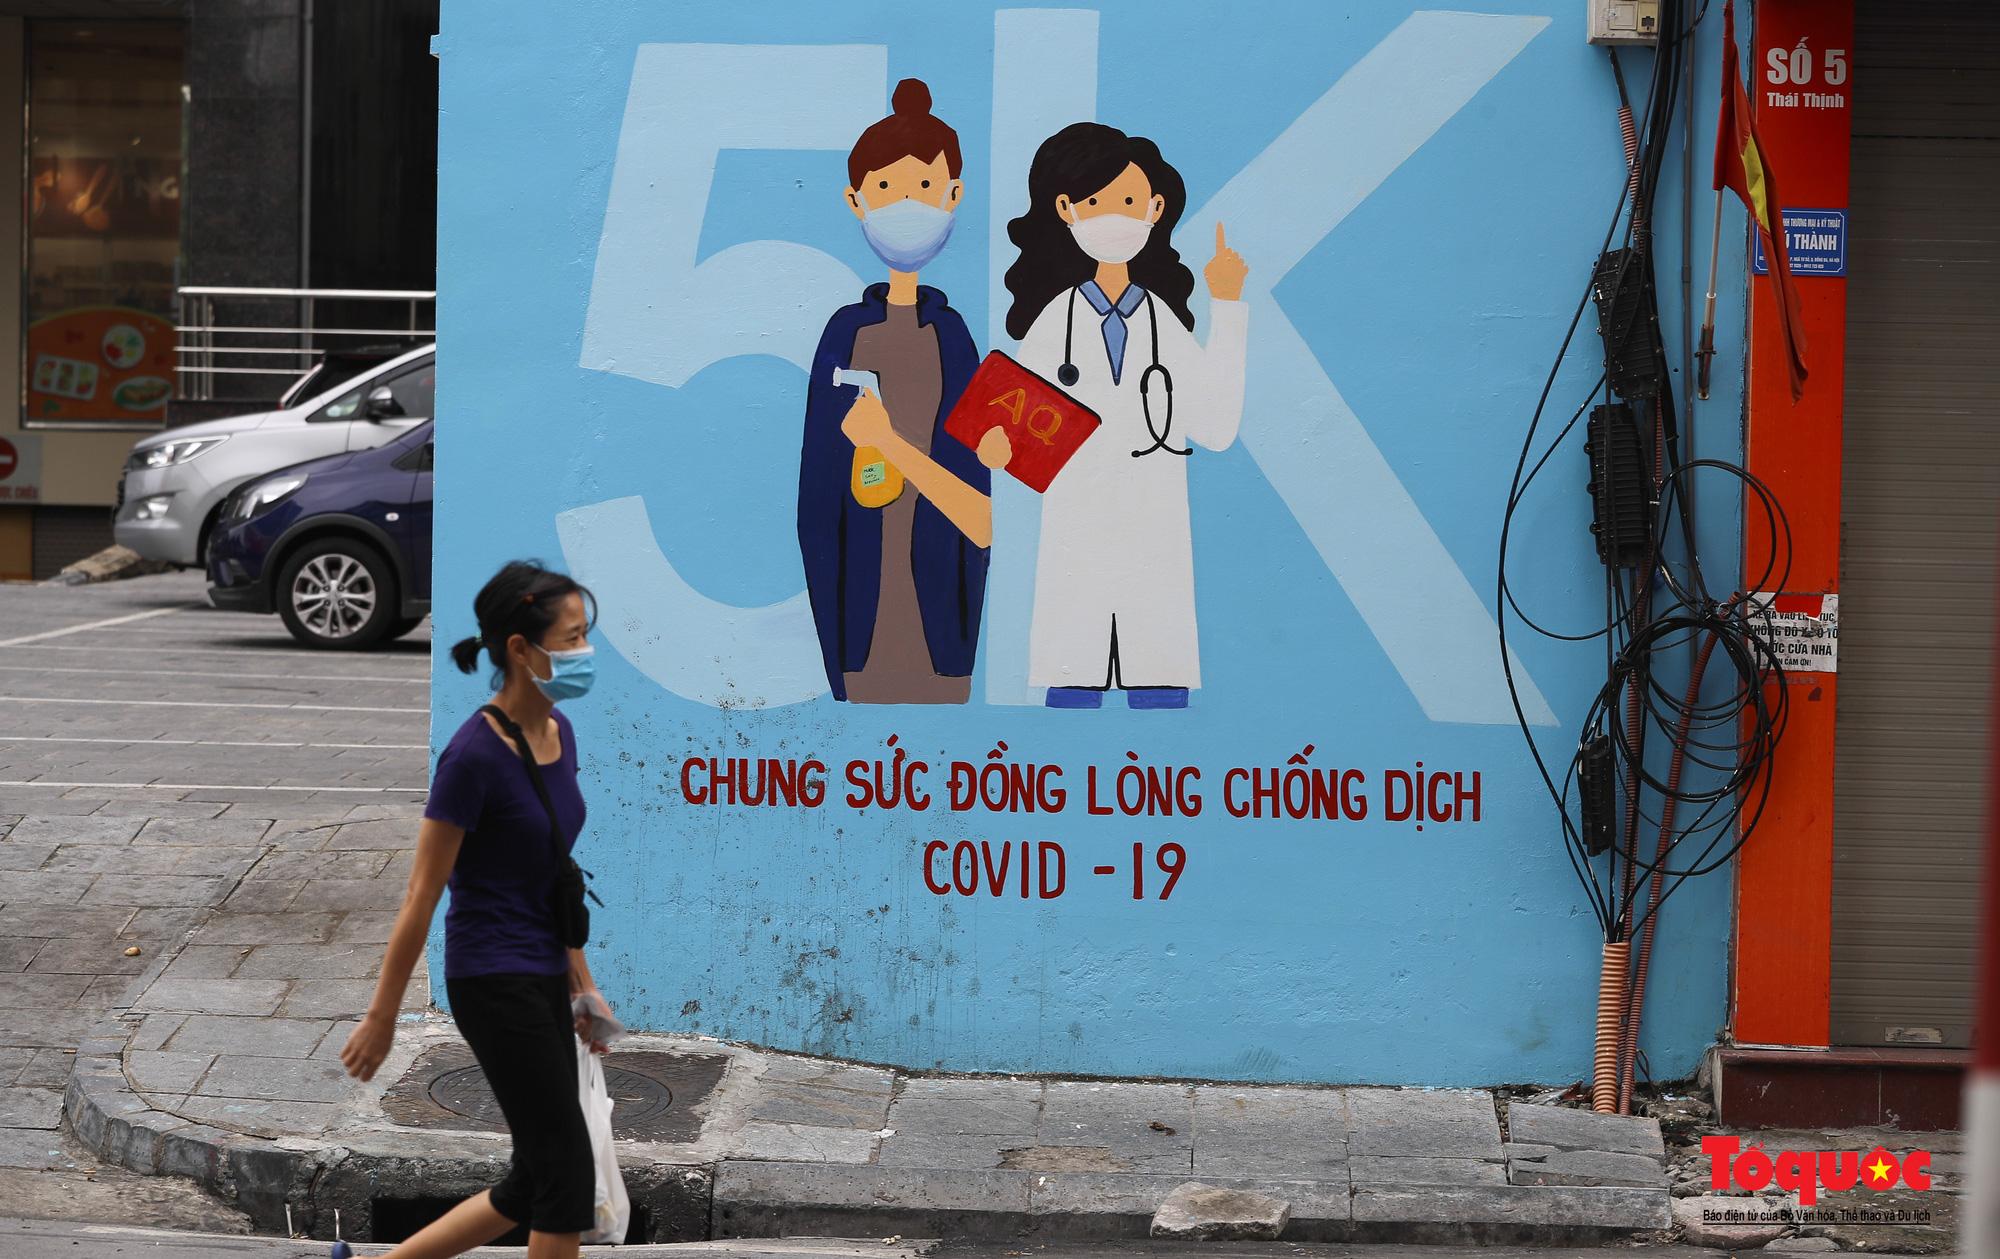 Pano, hình ảnh cổ động phòng chống dịch COVID-19 trên khắp đường phố Hà Nội - Ảnh 6.